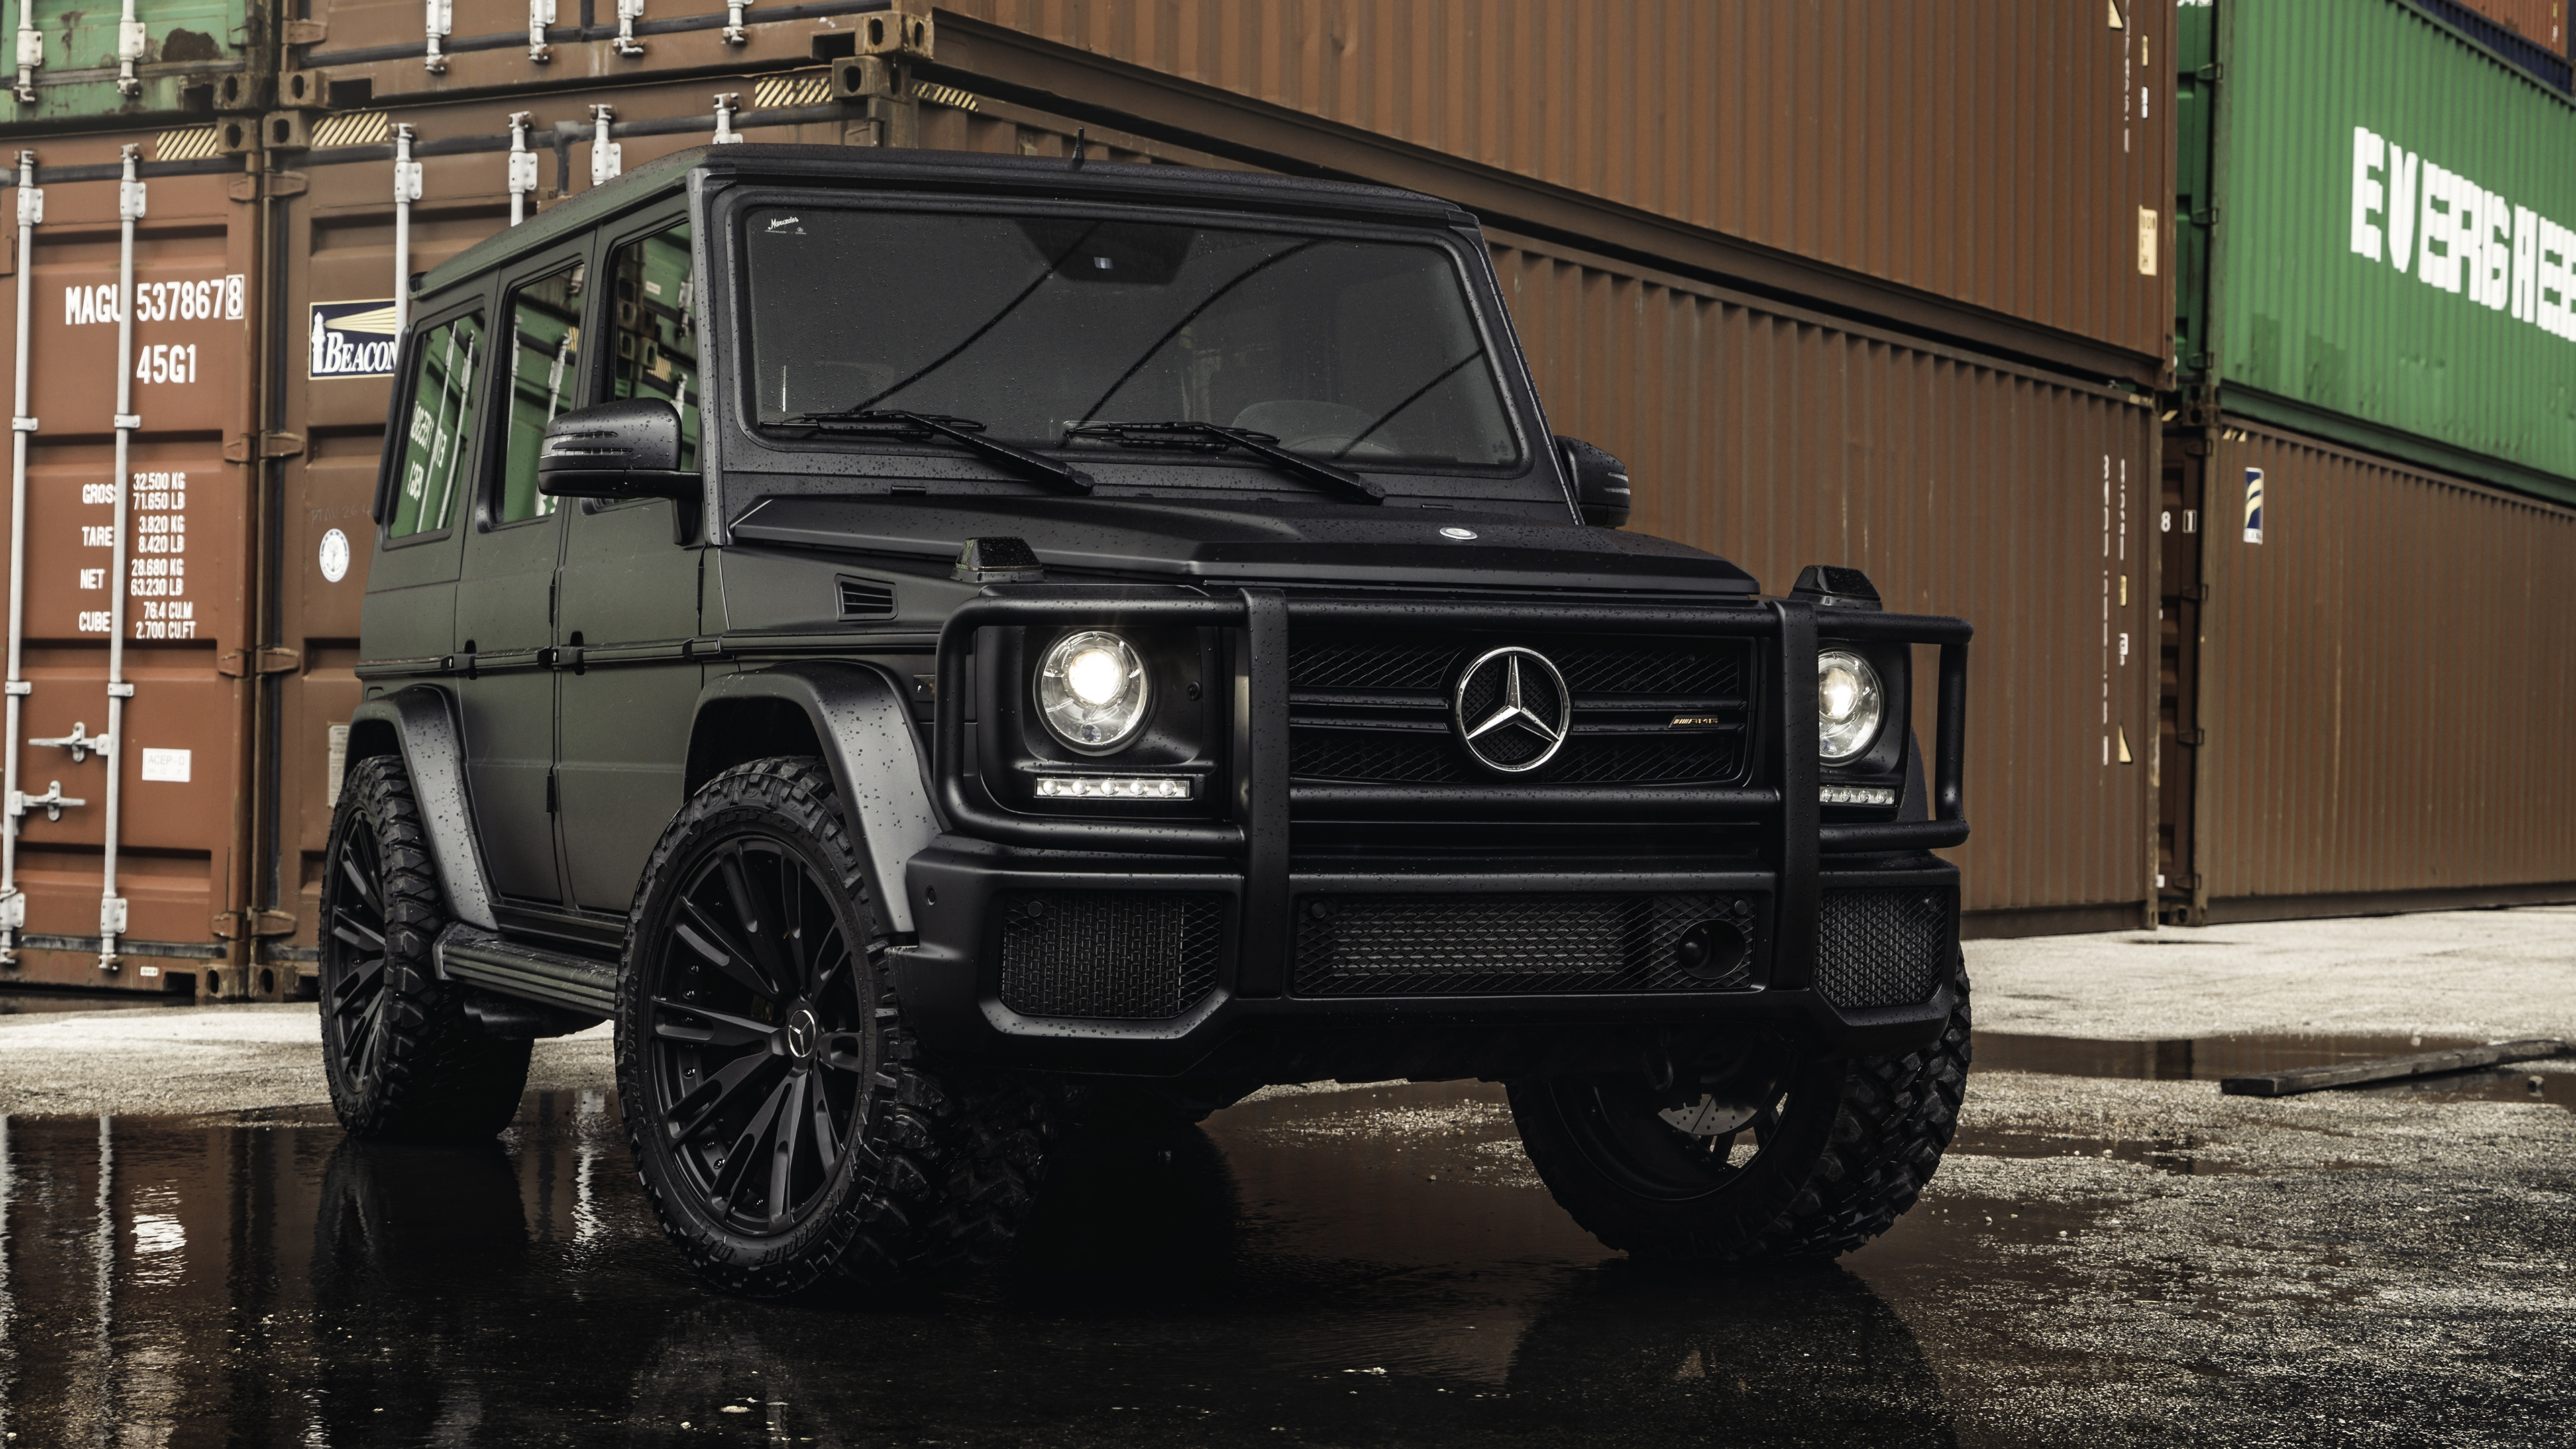 Фото Mercedes-Benz гелентваген G63 AMG Черный машина 3840x2160 Мерседес бенц G-класс черных черные черная авто машины автомобиль Автомобили